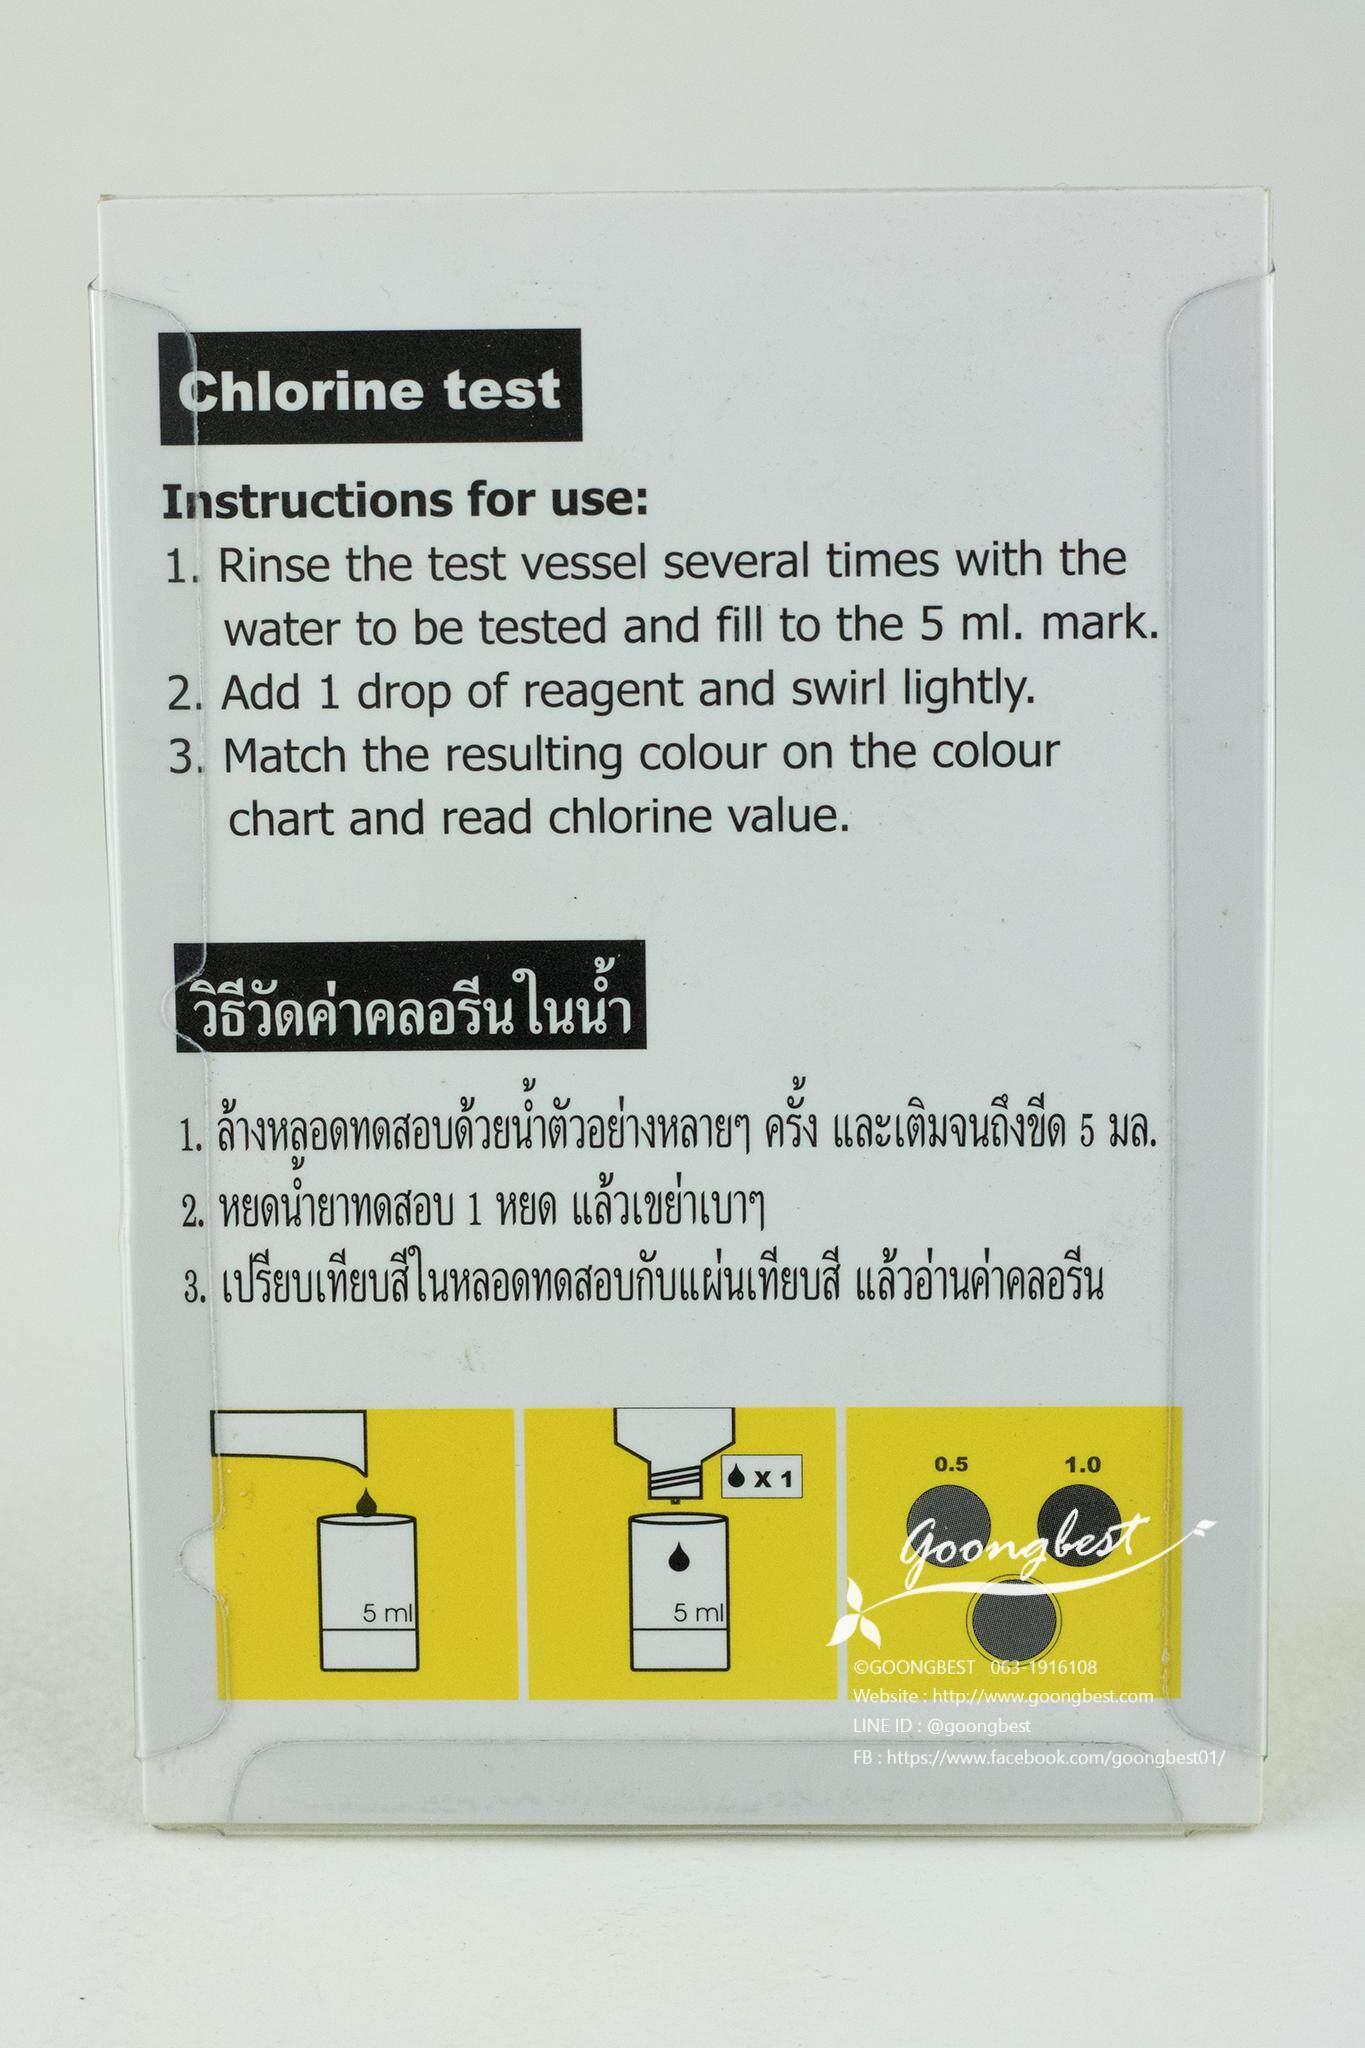 ชุดทดสอบคลอรีน สำหรับวัดค่าคลอรีน (Cl2)